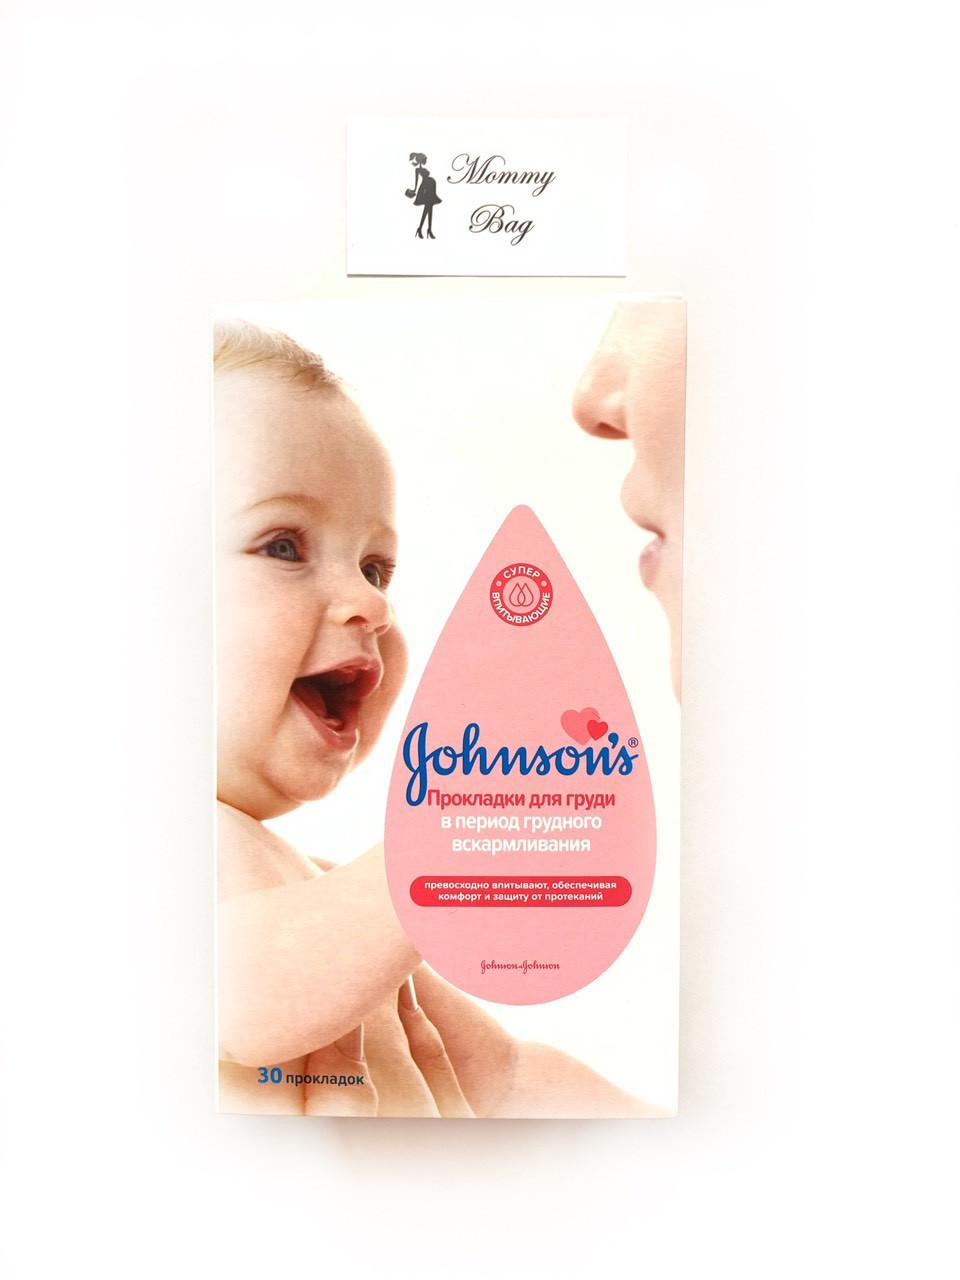 Одноразовые прокладки для груди Johnson's Baby 30 шт